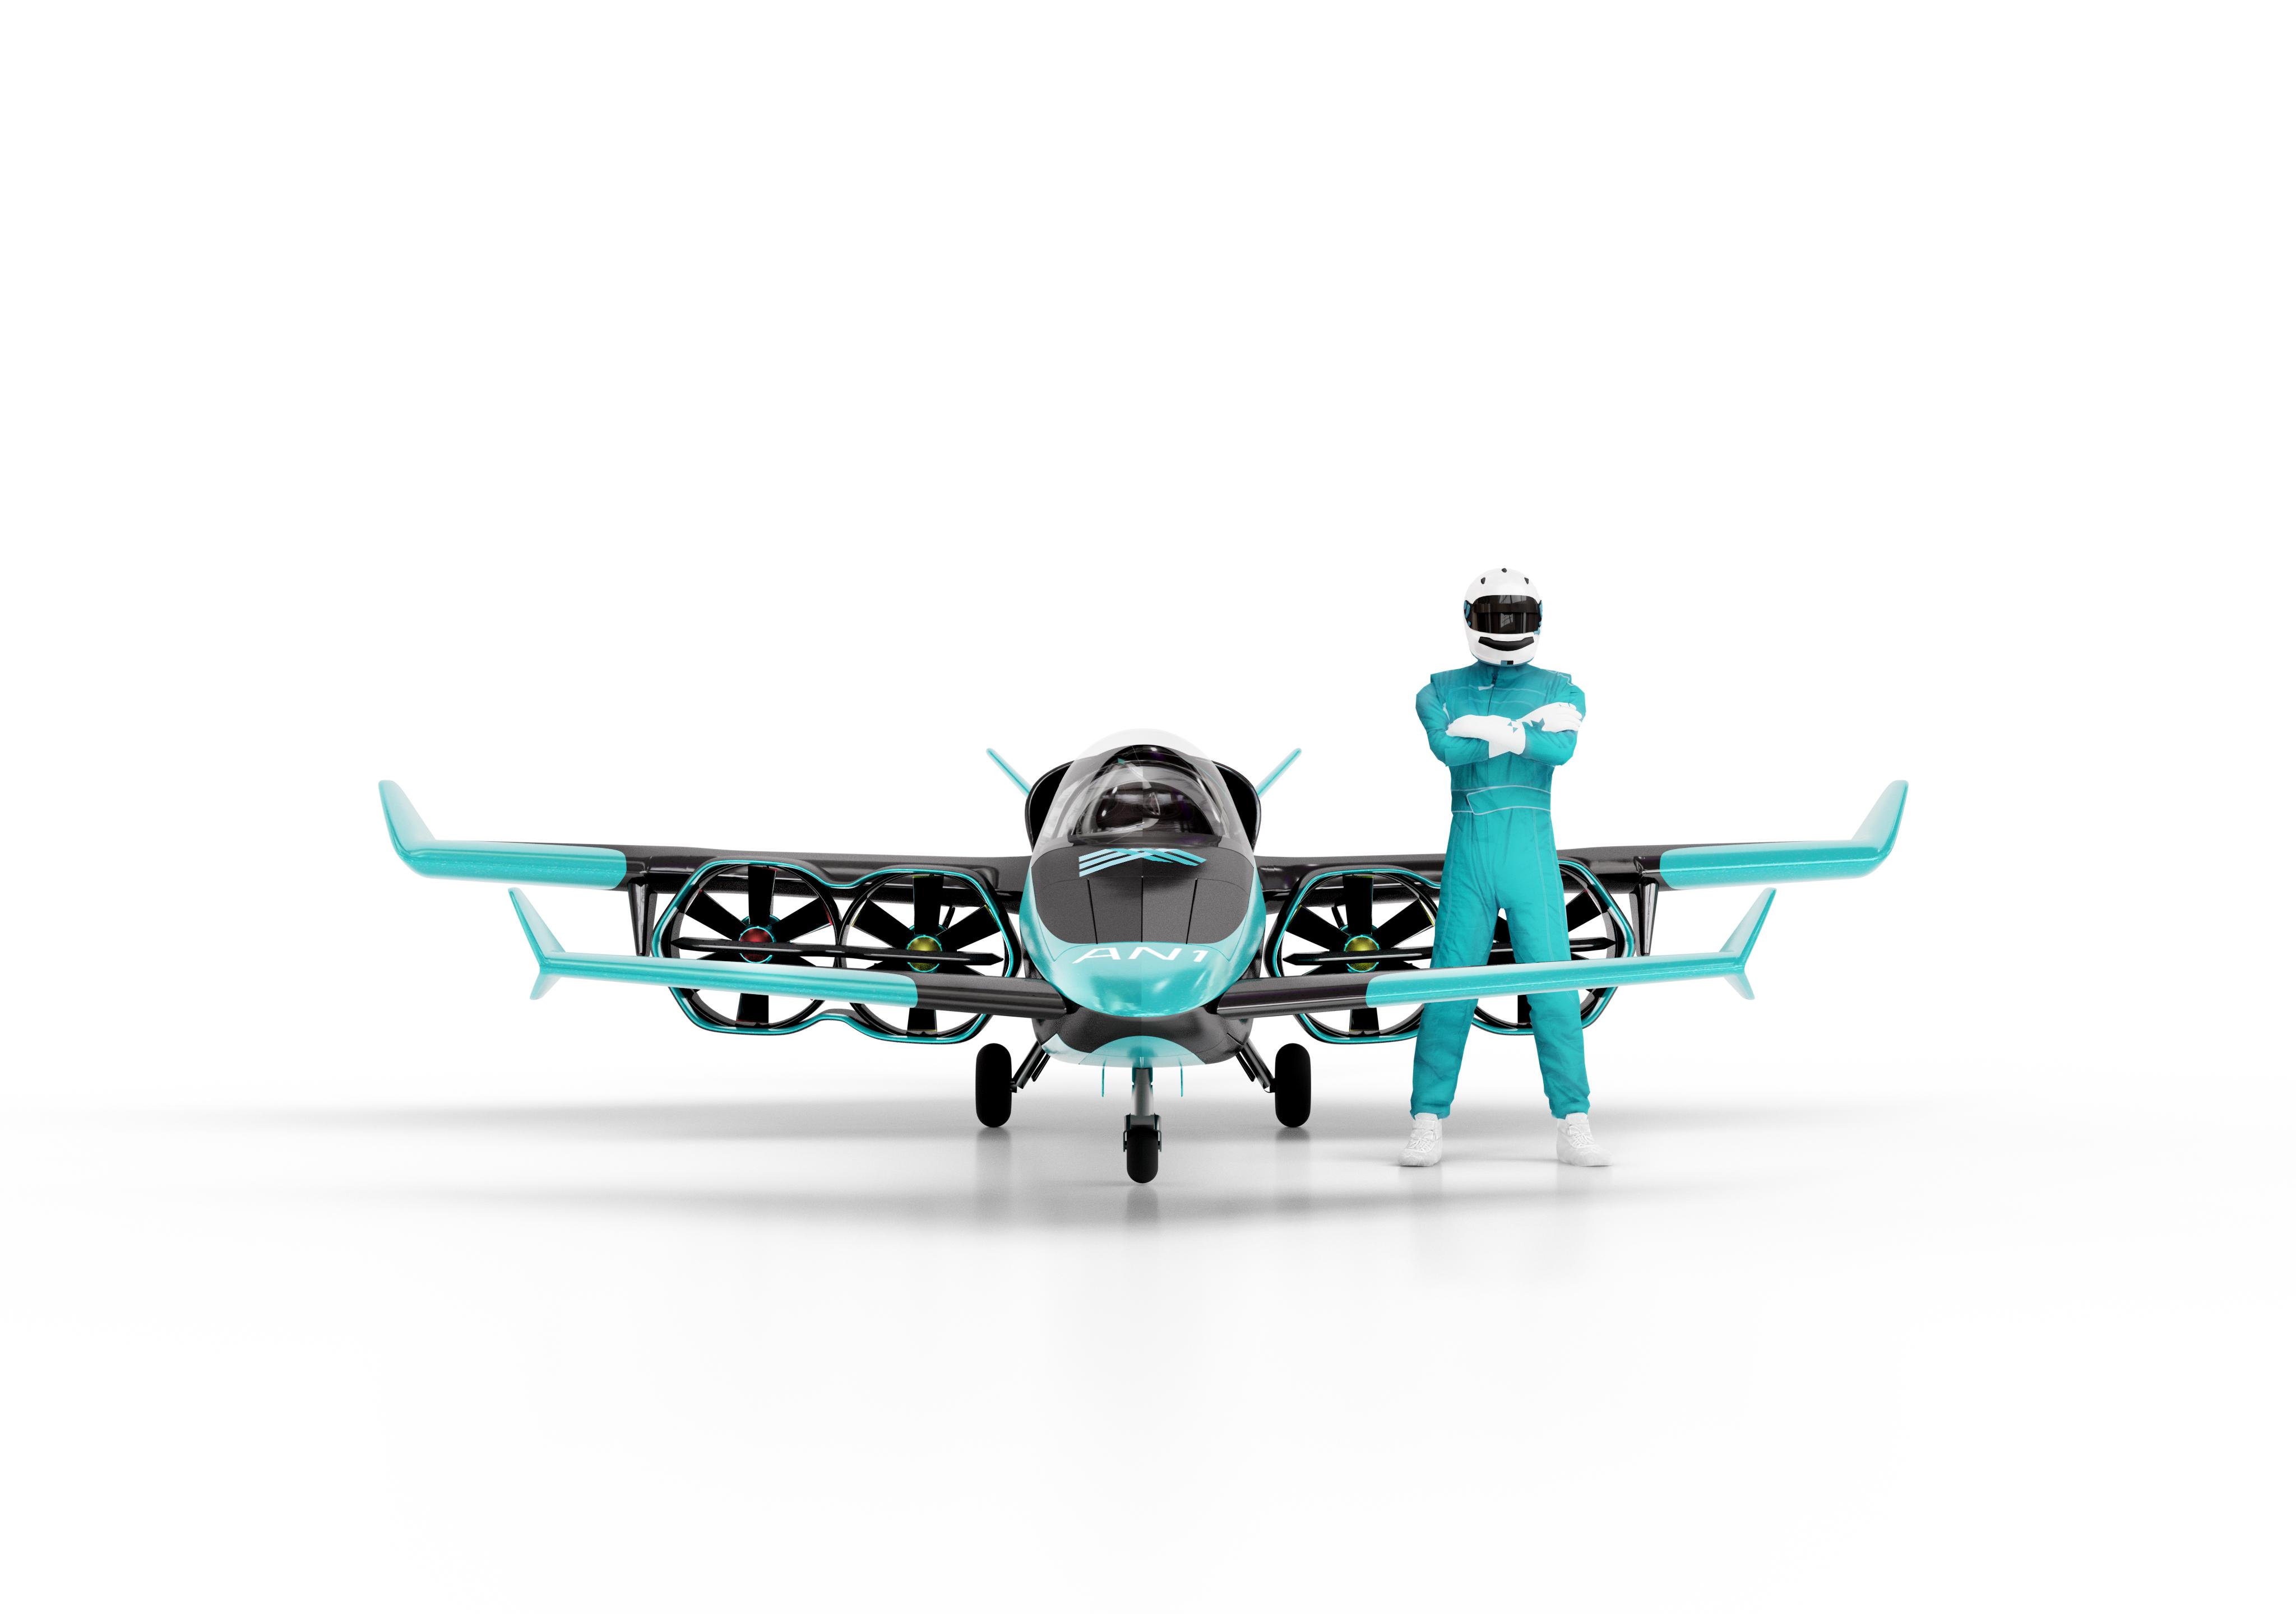 FABP_VTOL_Aircraft_frontal.jpg